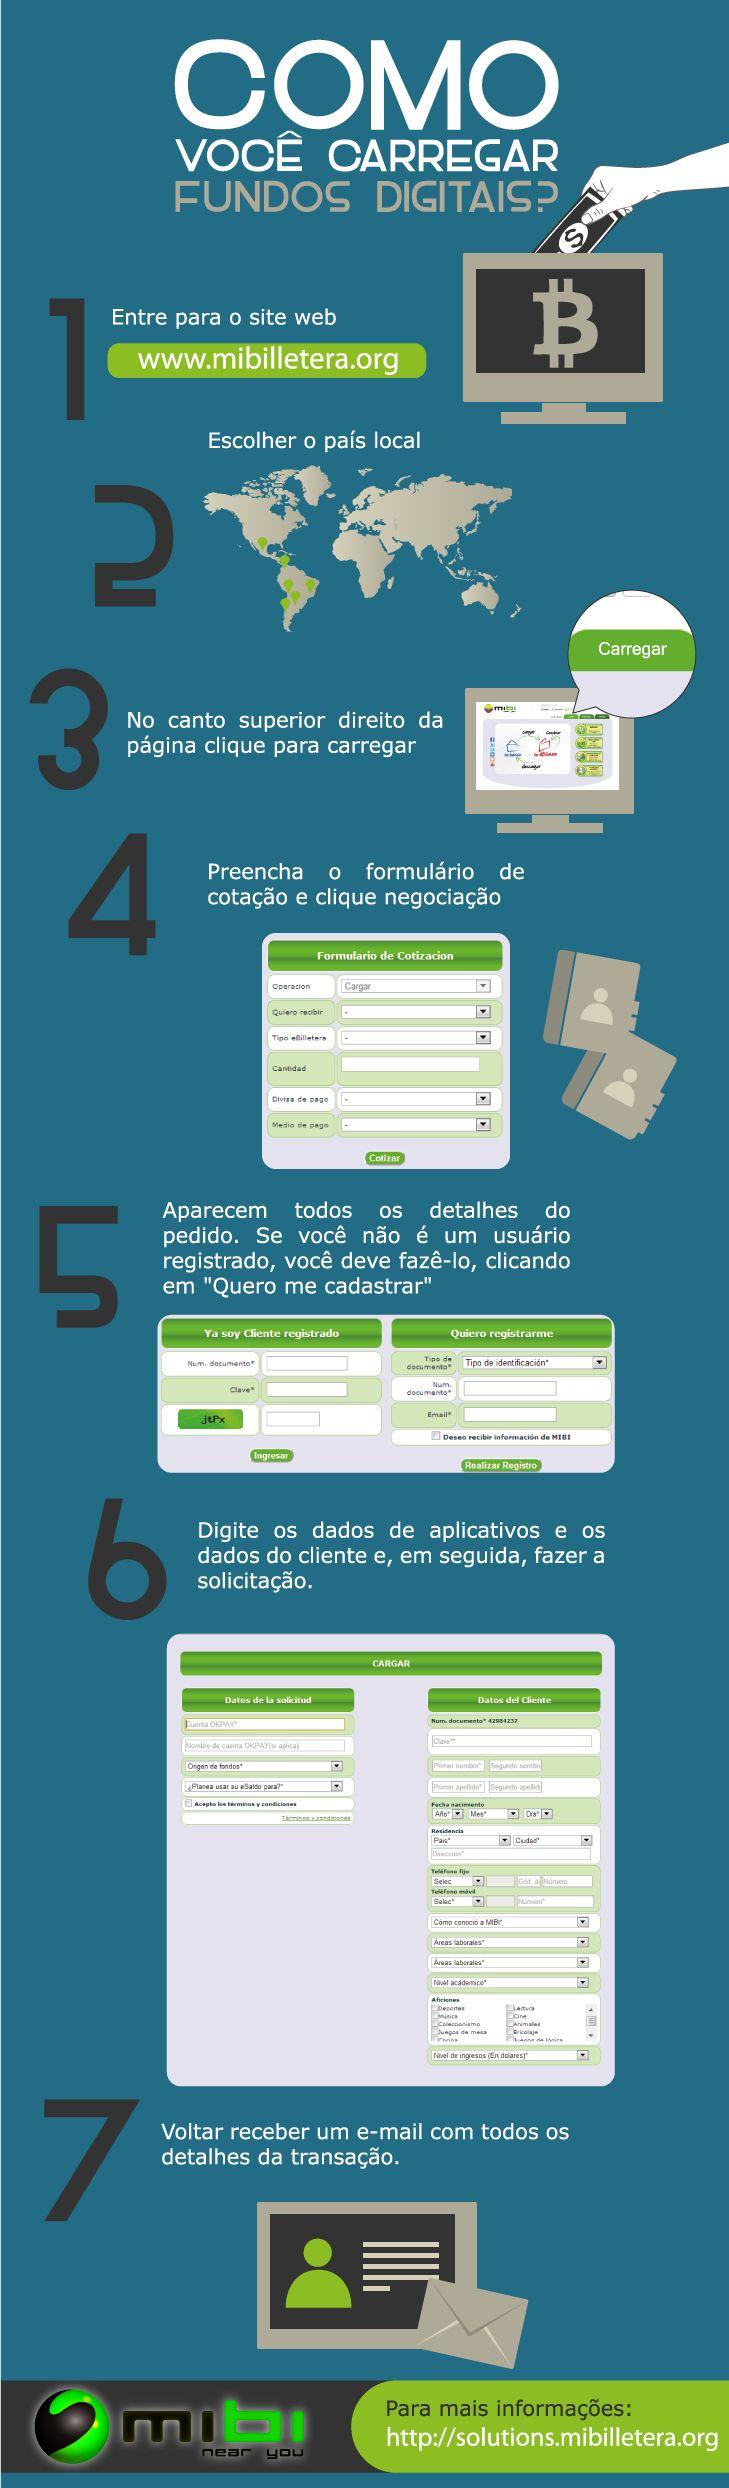 ¿Como você carregar fundos digitais?  Em 7 passos  conhece-nos www.mibilletera.org Mibi, junto você